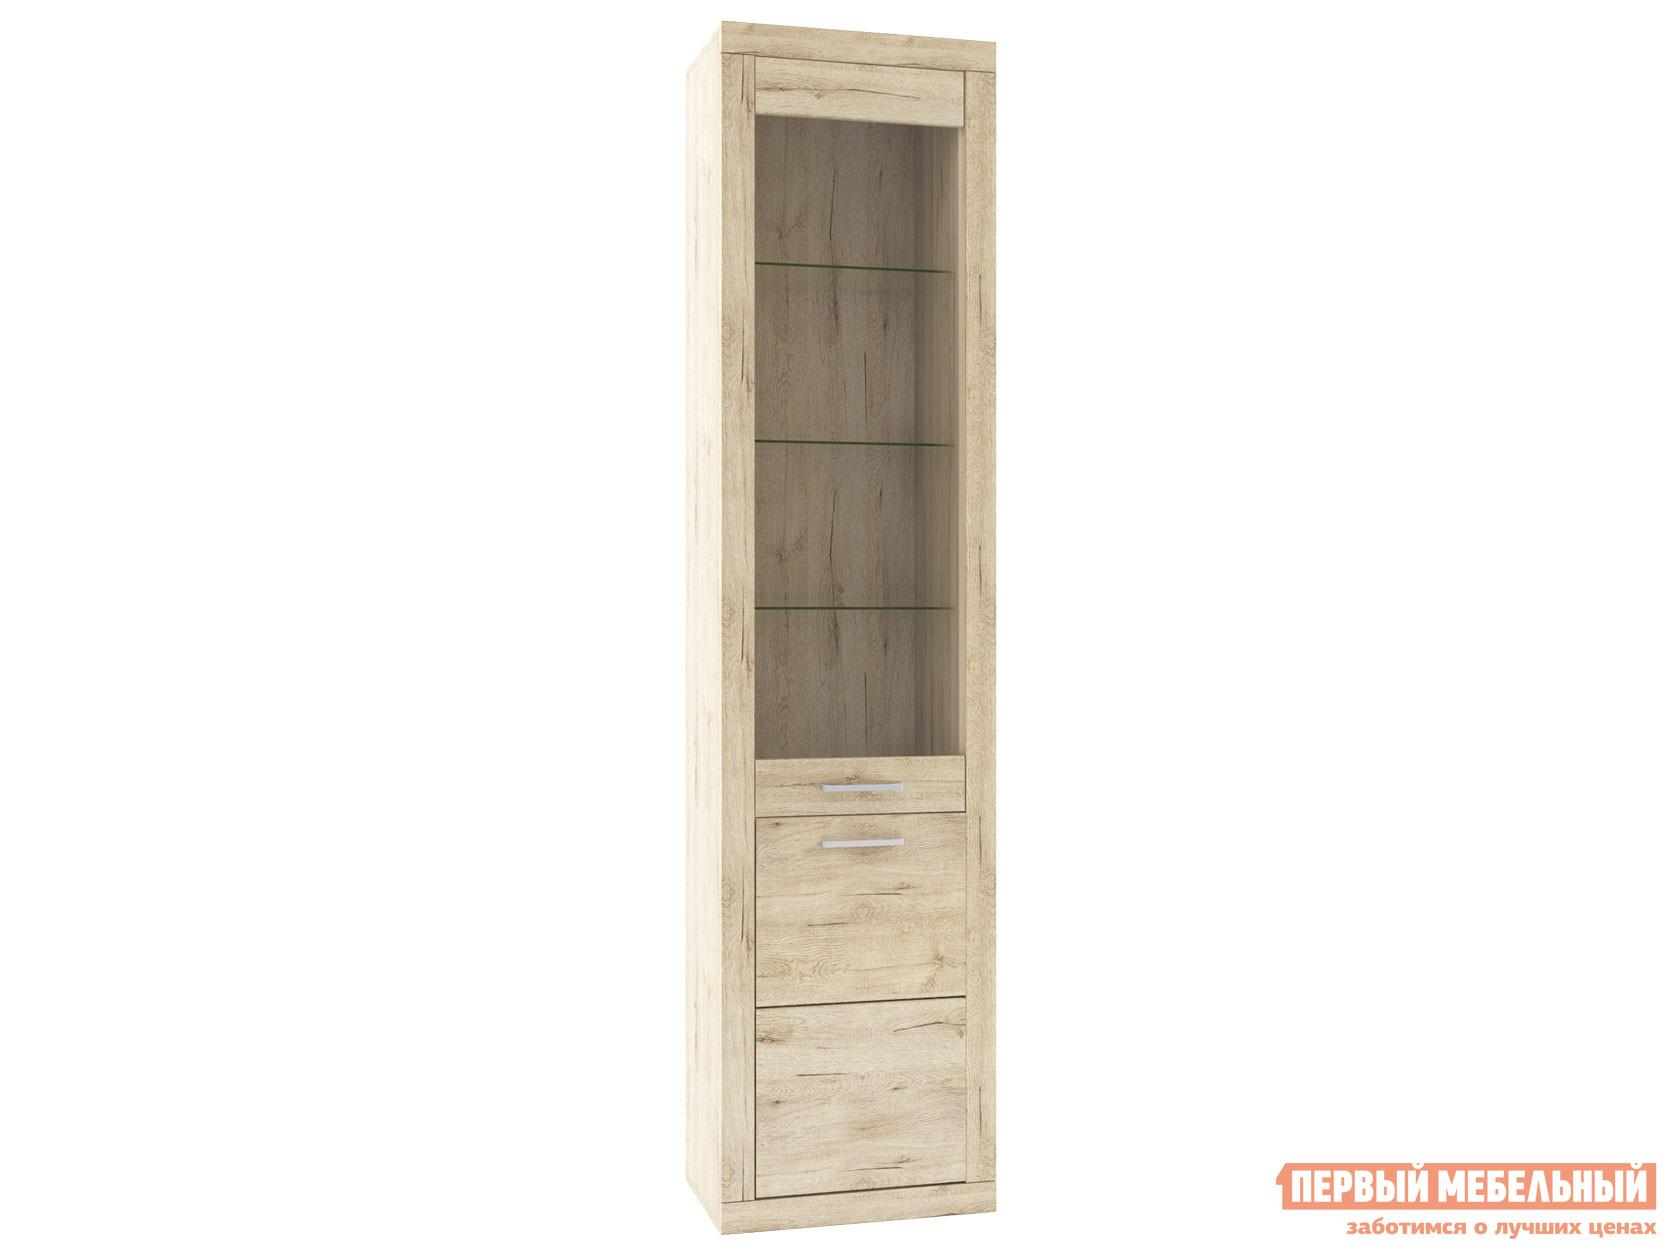 Шкаф-витрина Первый Мебельный Пенал-витрина Оскар шкаф витрина первый мебельный шкаф витрина оскар